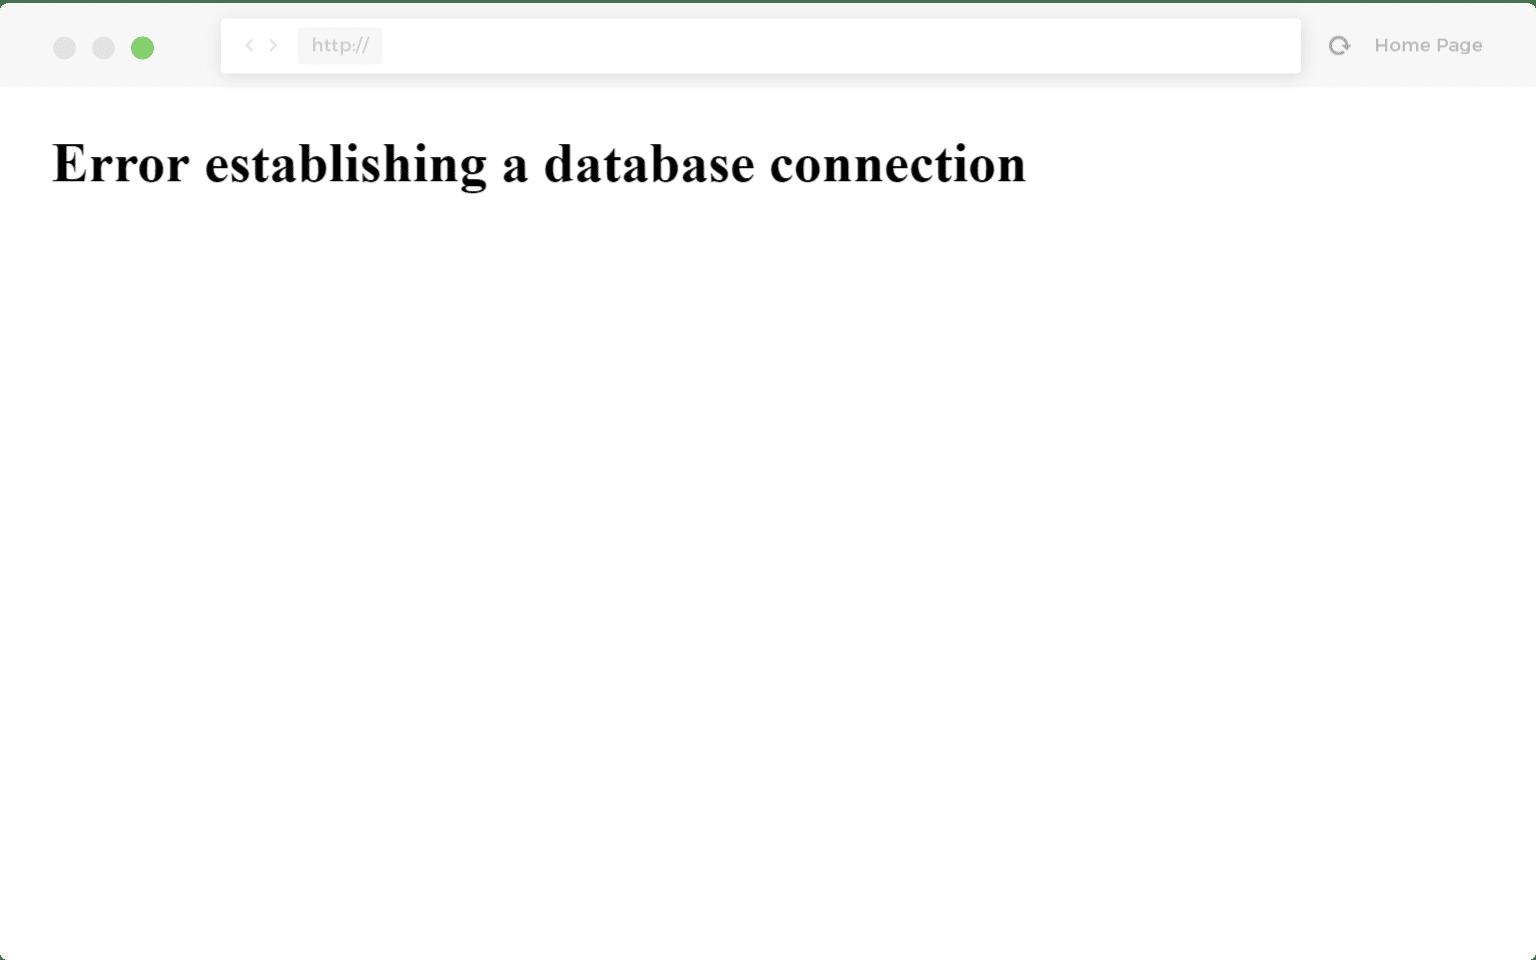 Exemple d'erreur lors de la connexion à la base de données